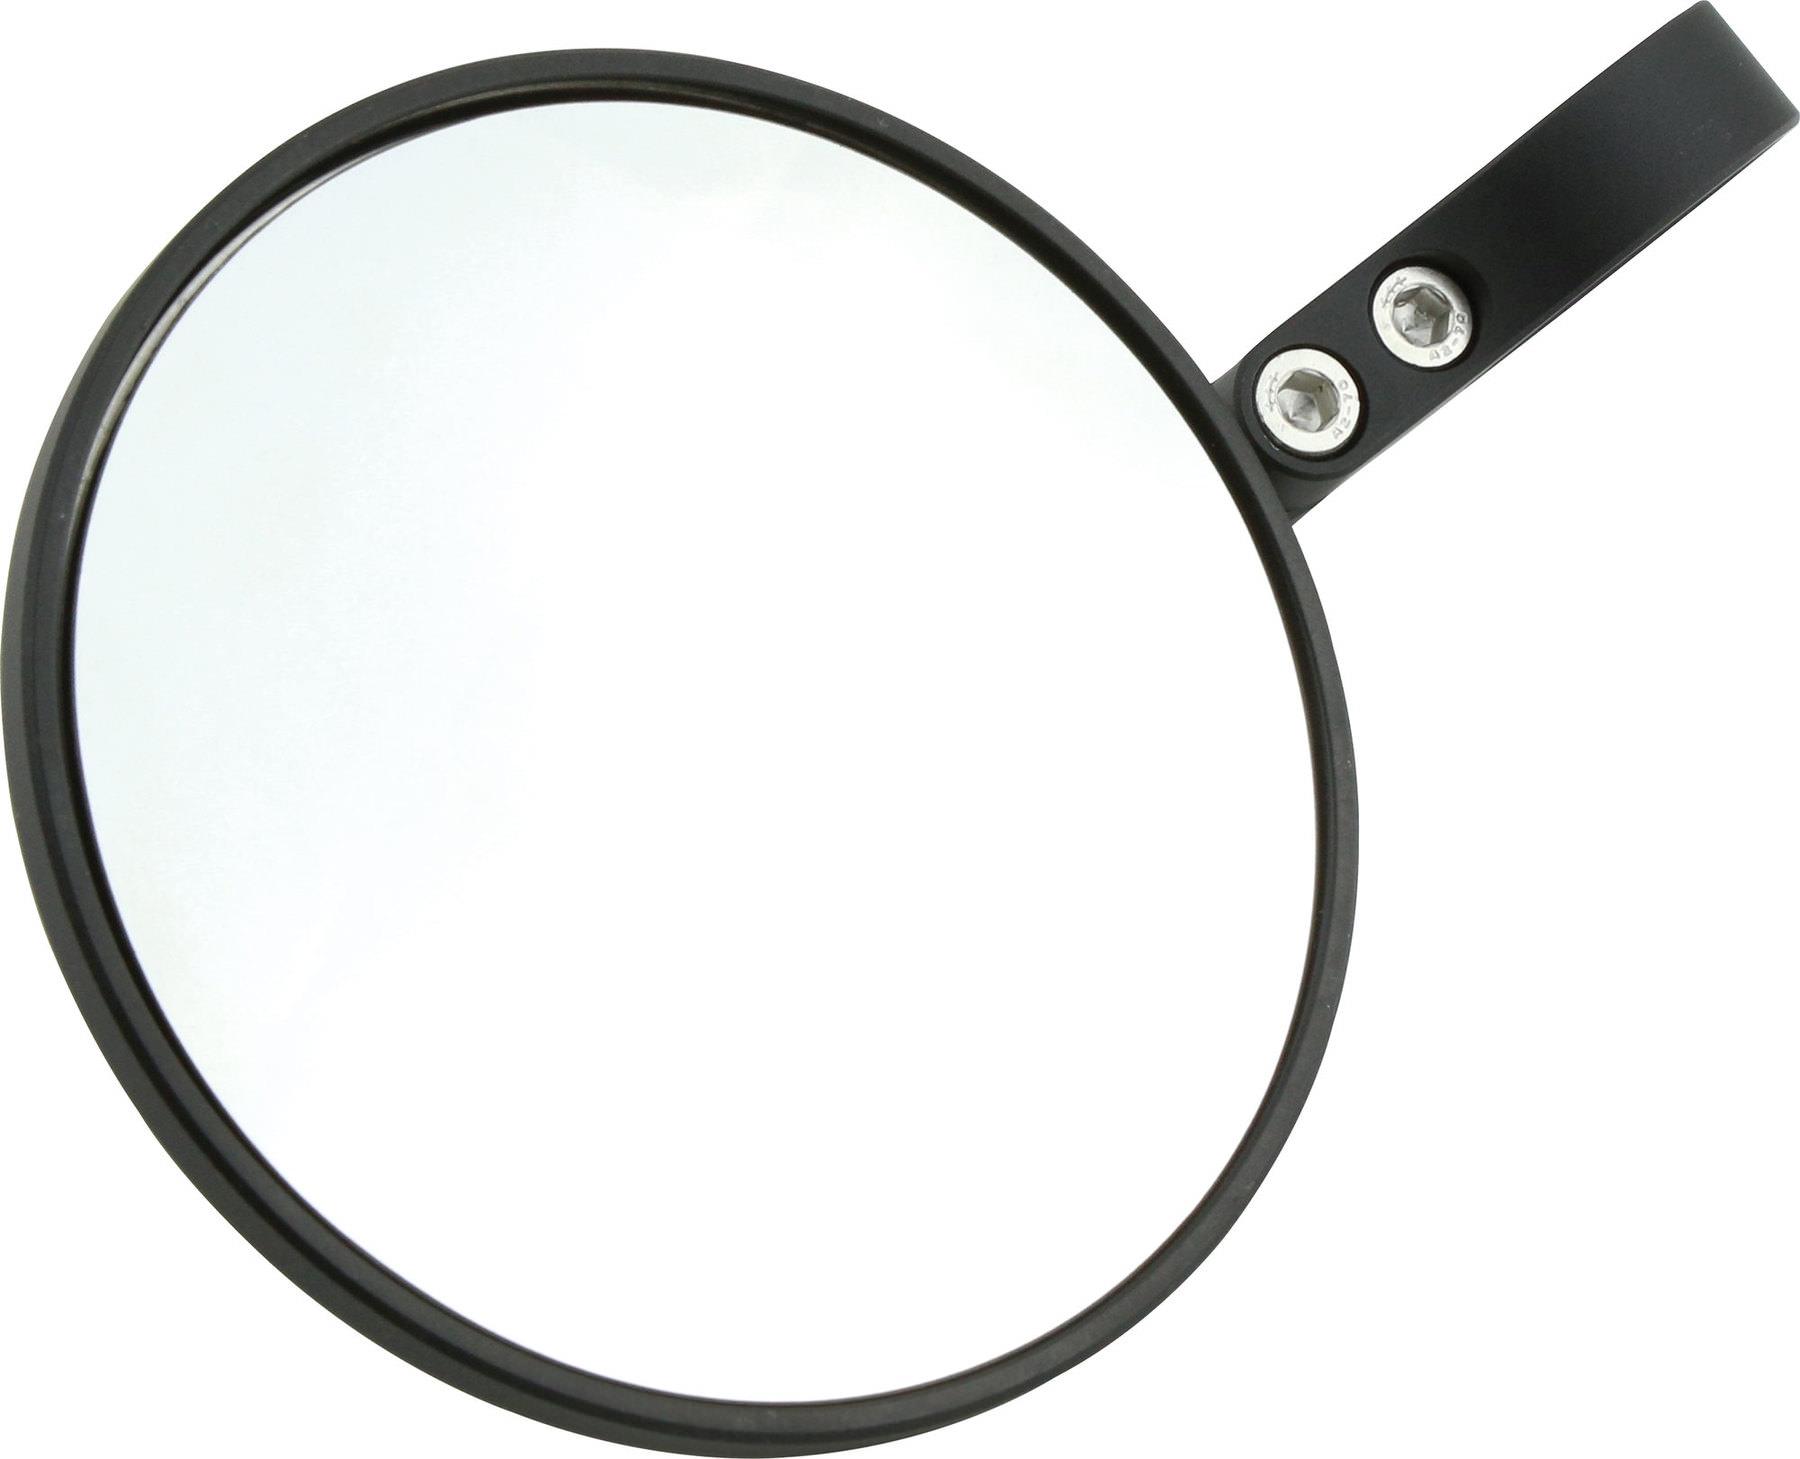 schwarz E-geprüft 1 Stück Motorrad Spiegel Lenkerendenspiegel PONZA